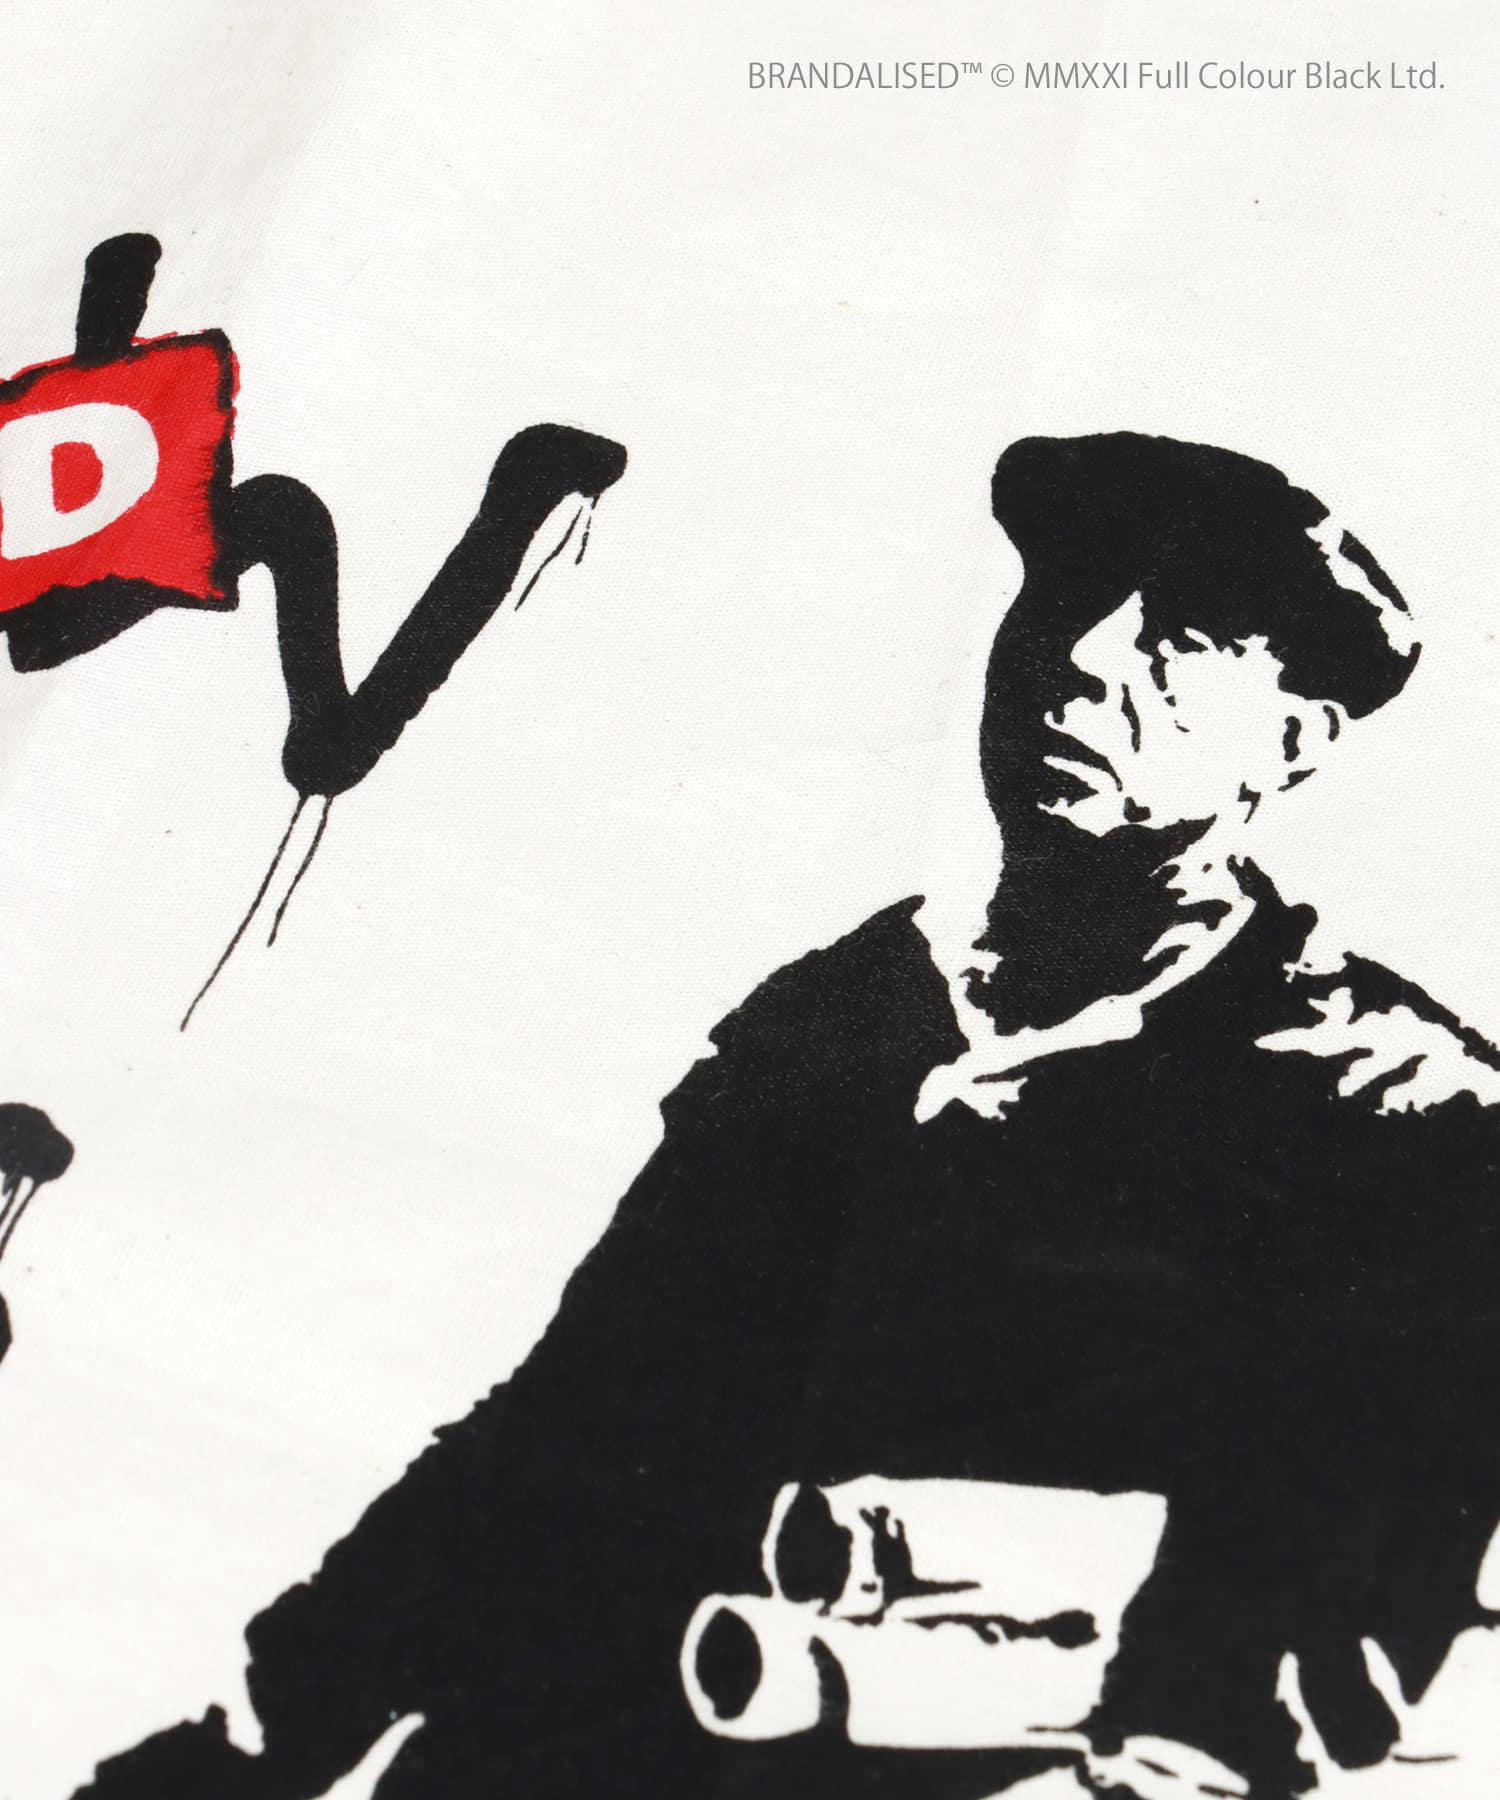 3COINS(スリーコインズ) 【ASOKO】Banksy's Graffiti ファブリックポスター(M)